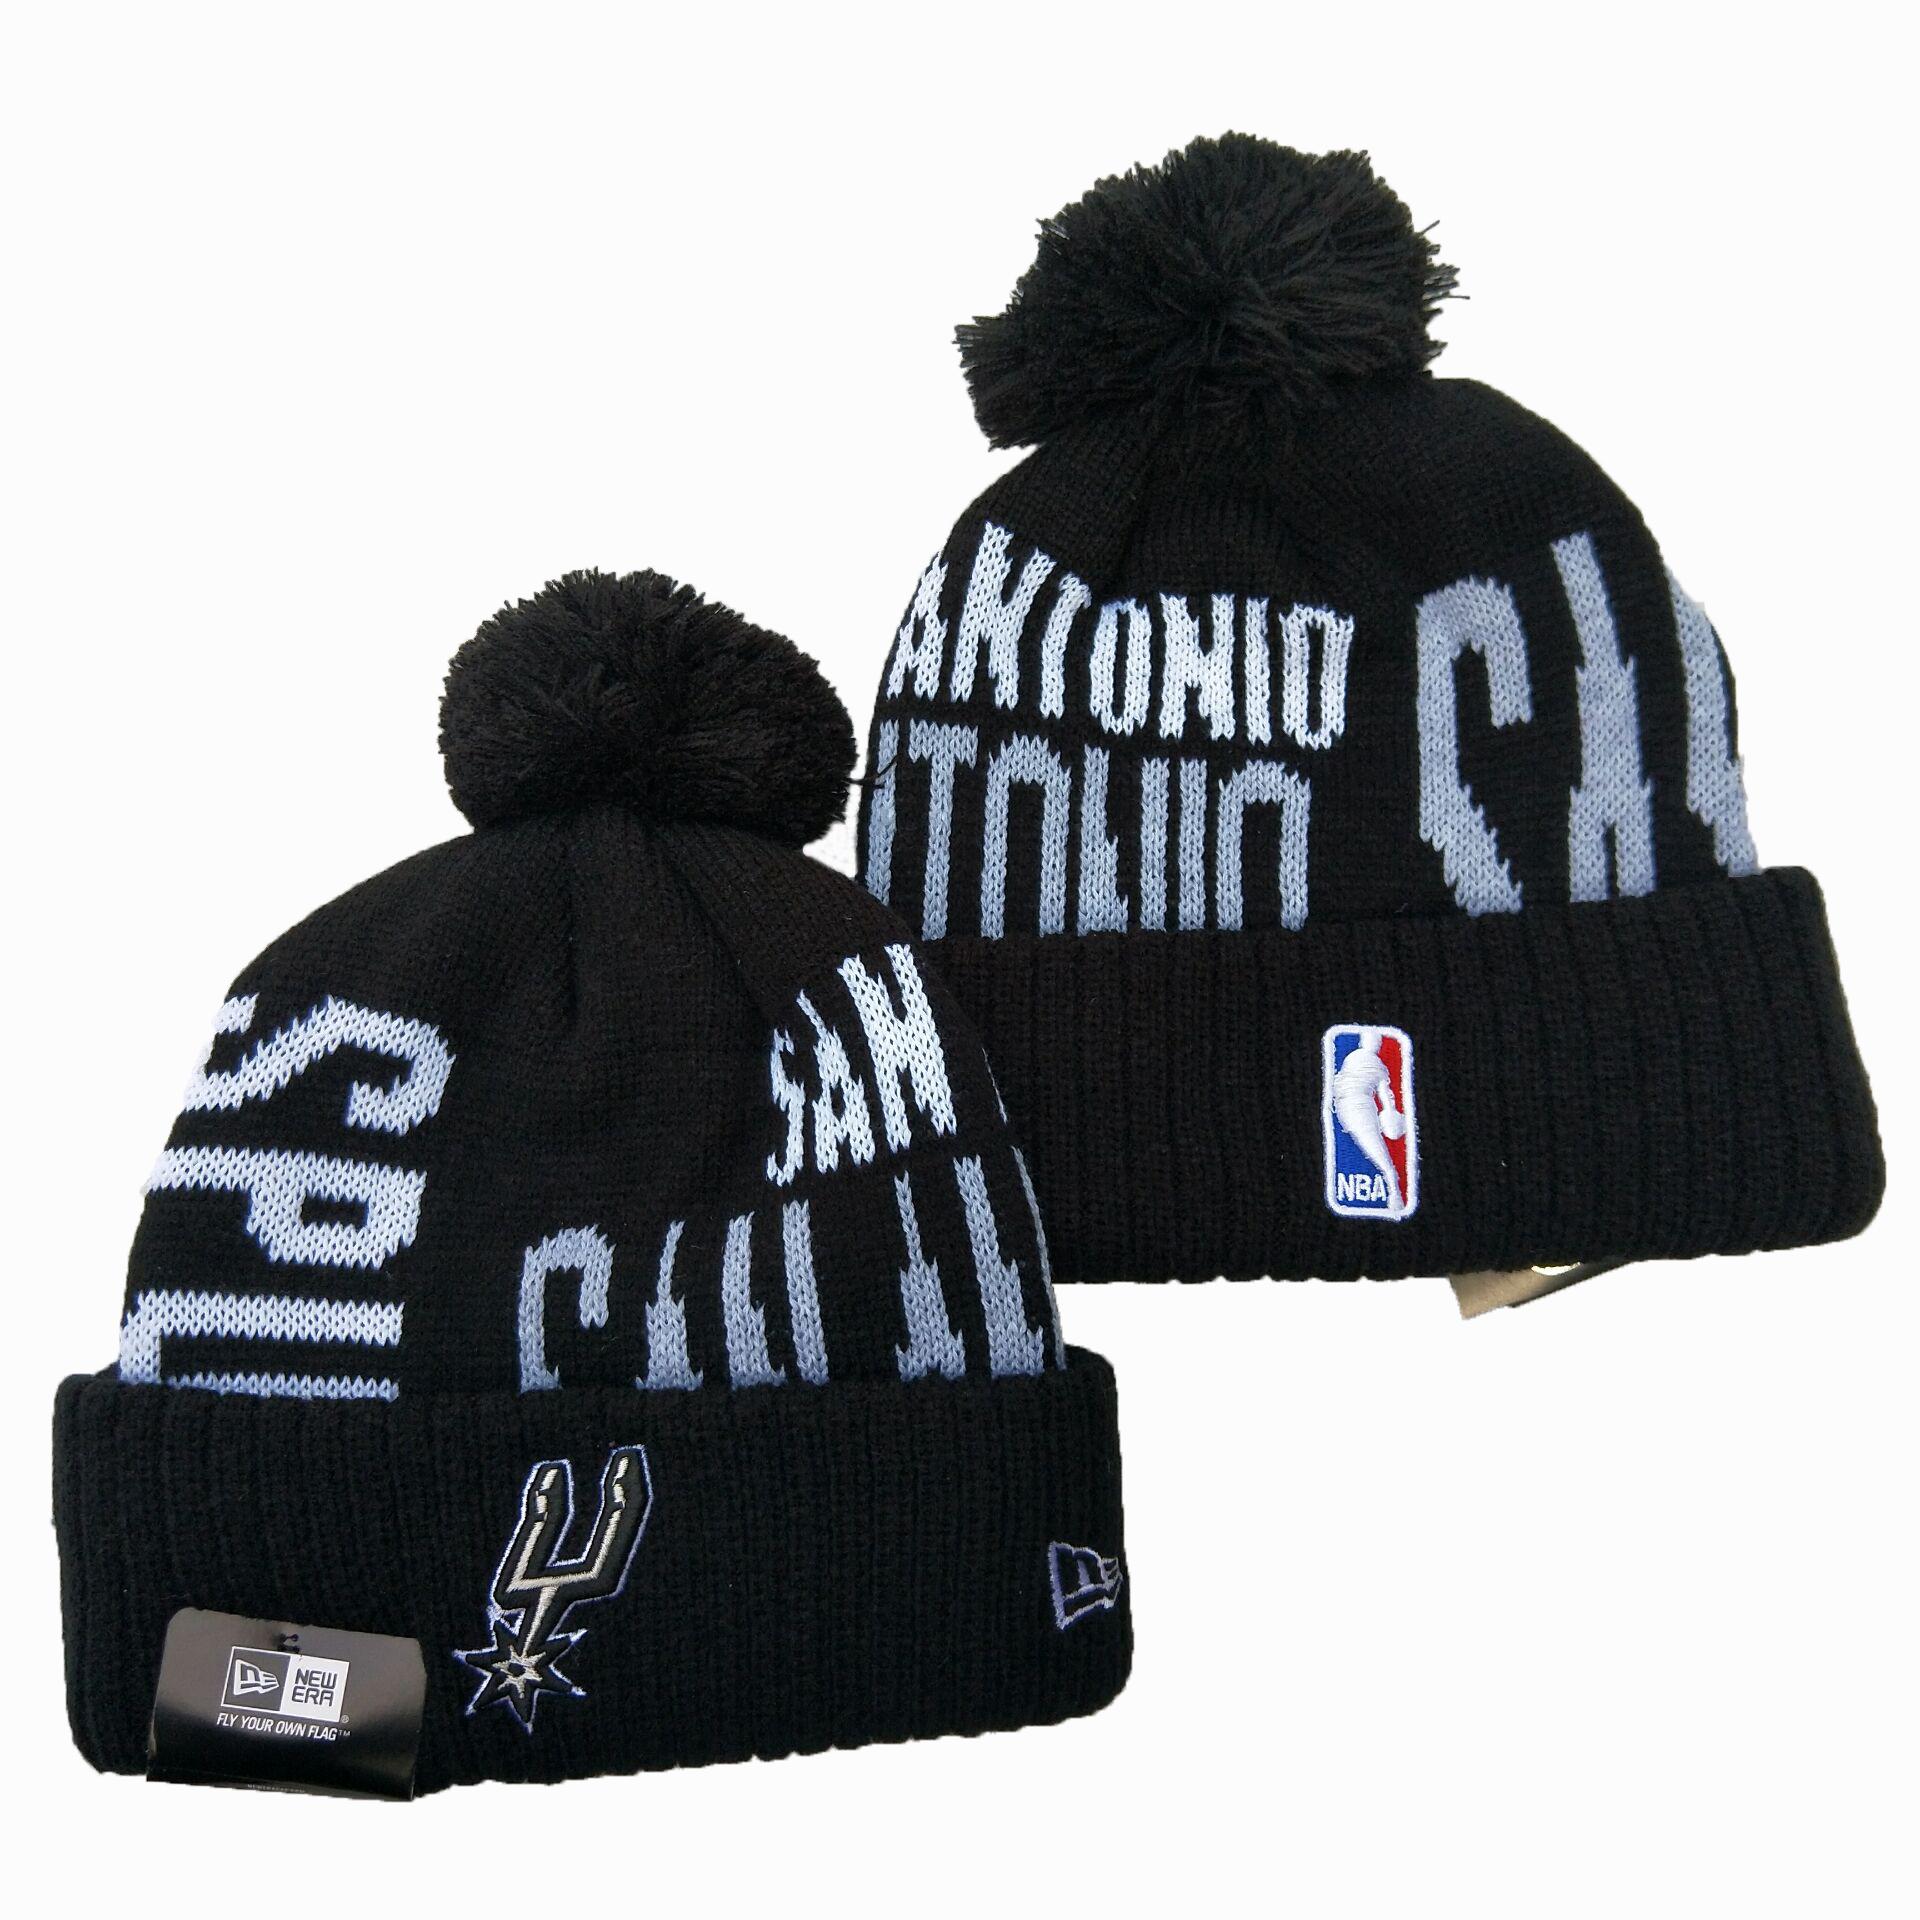 Spurs Team Logo Black Pom Knit Hat YD